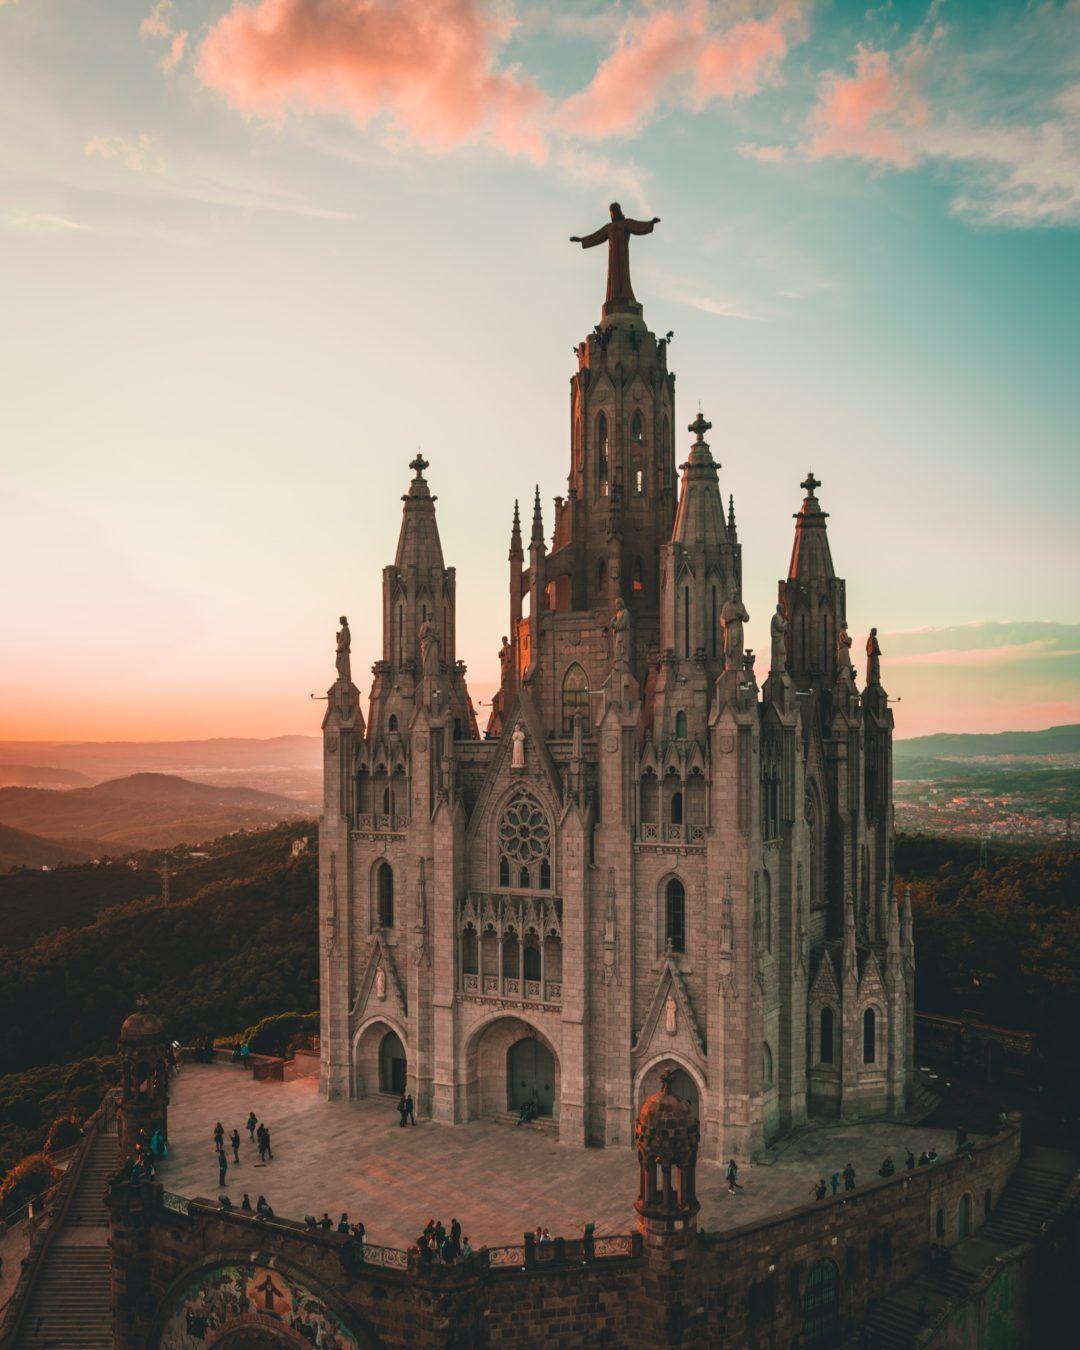 View at Tibidabo in Barcelona, Spain.